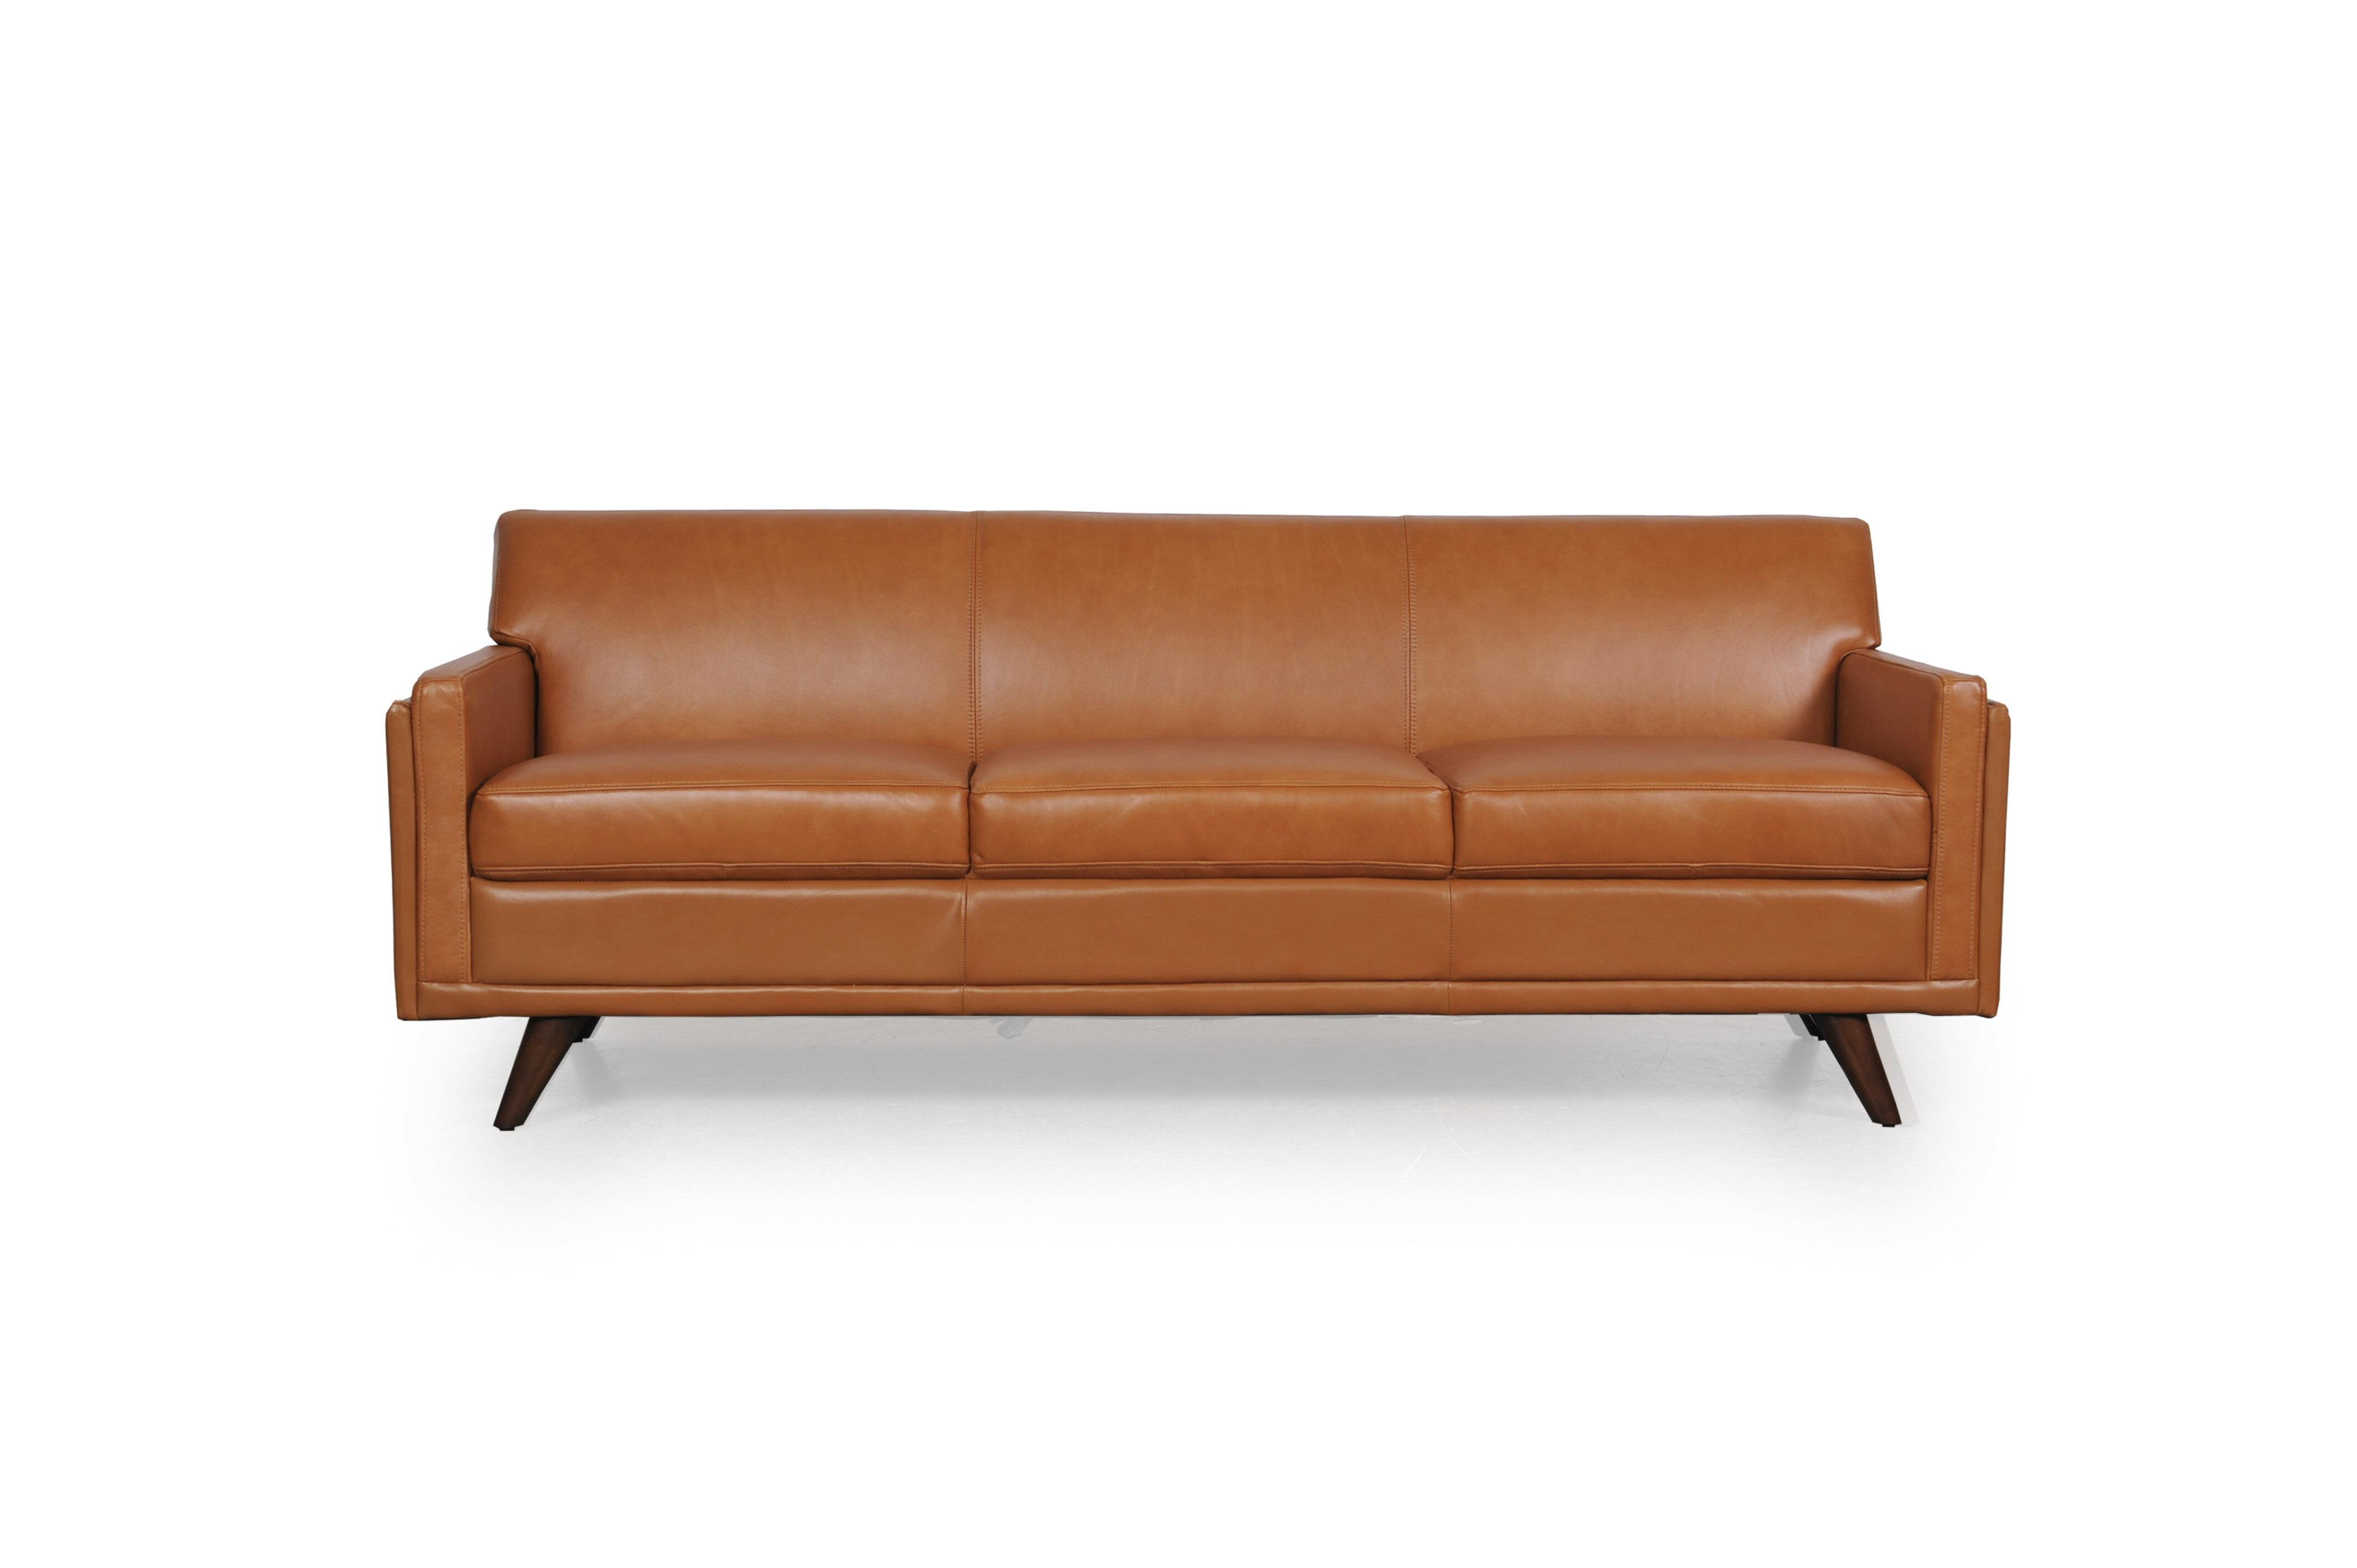 Corrigan Studio Ari 80 5 Wide Genuine Leather Square Arm Sofa Wayfair